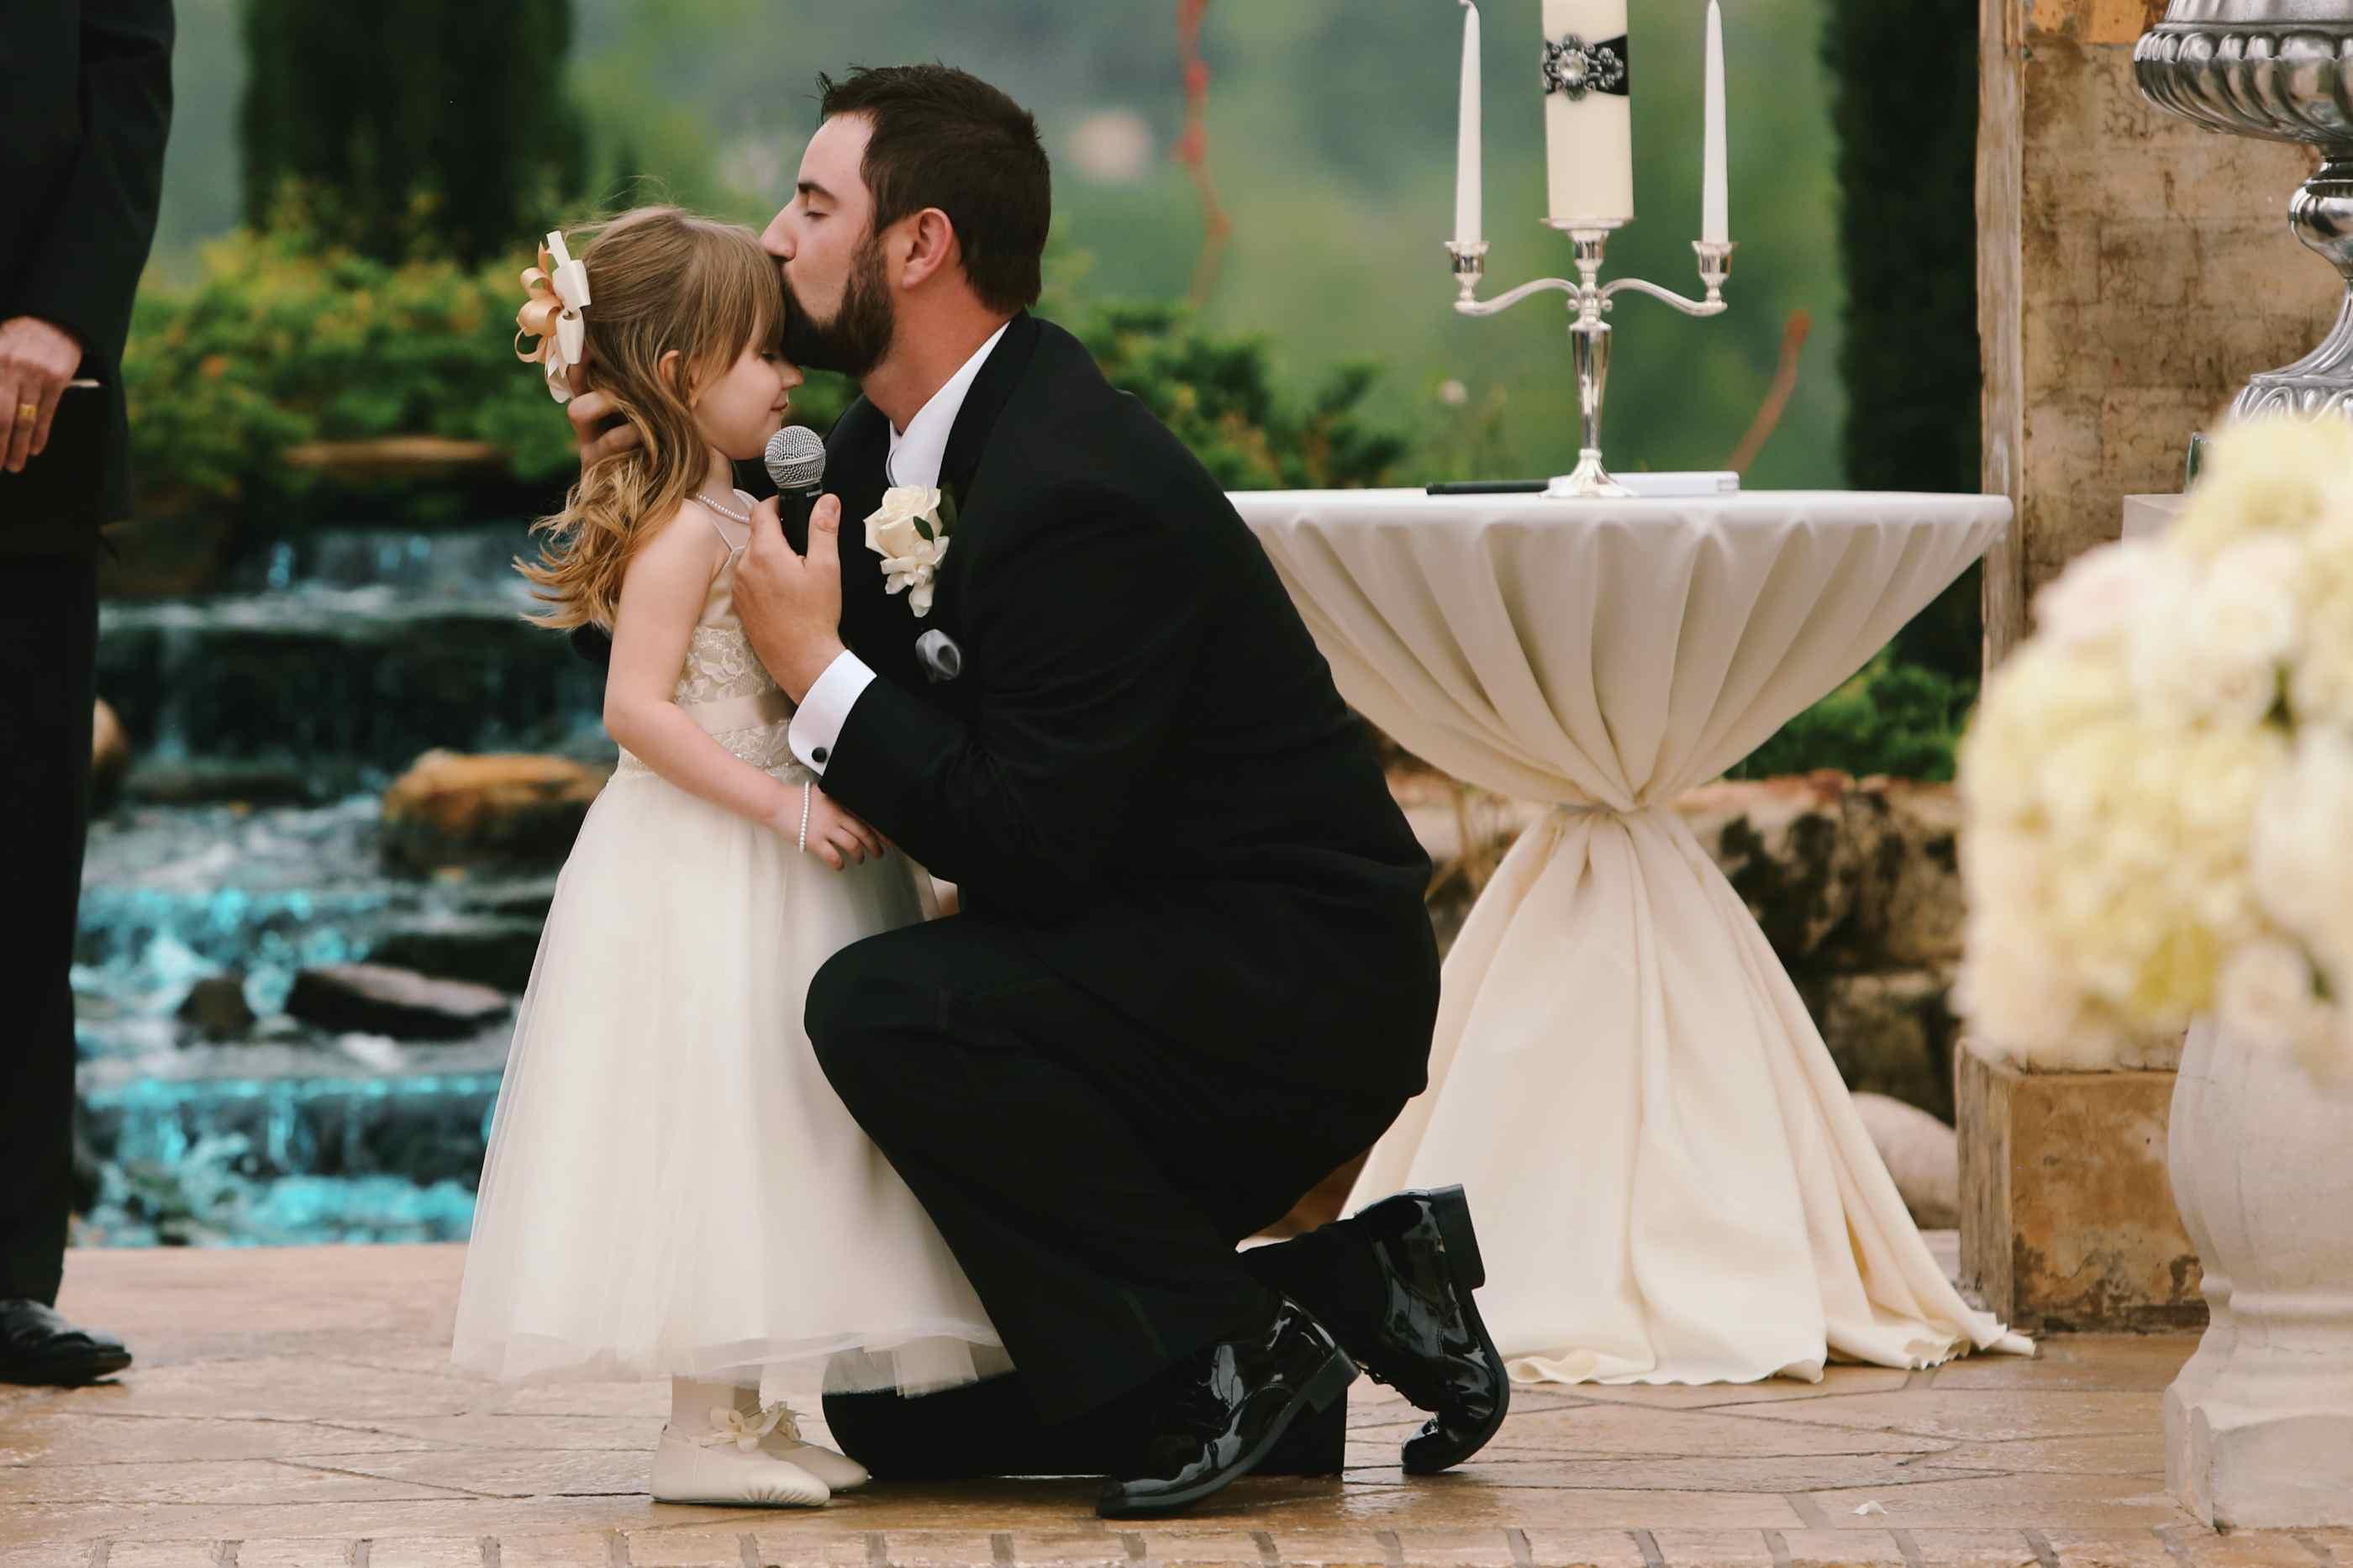 top-10-wedding-photos-2013-013